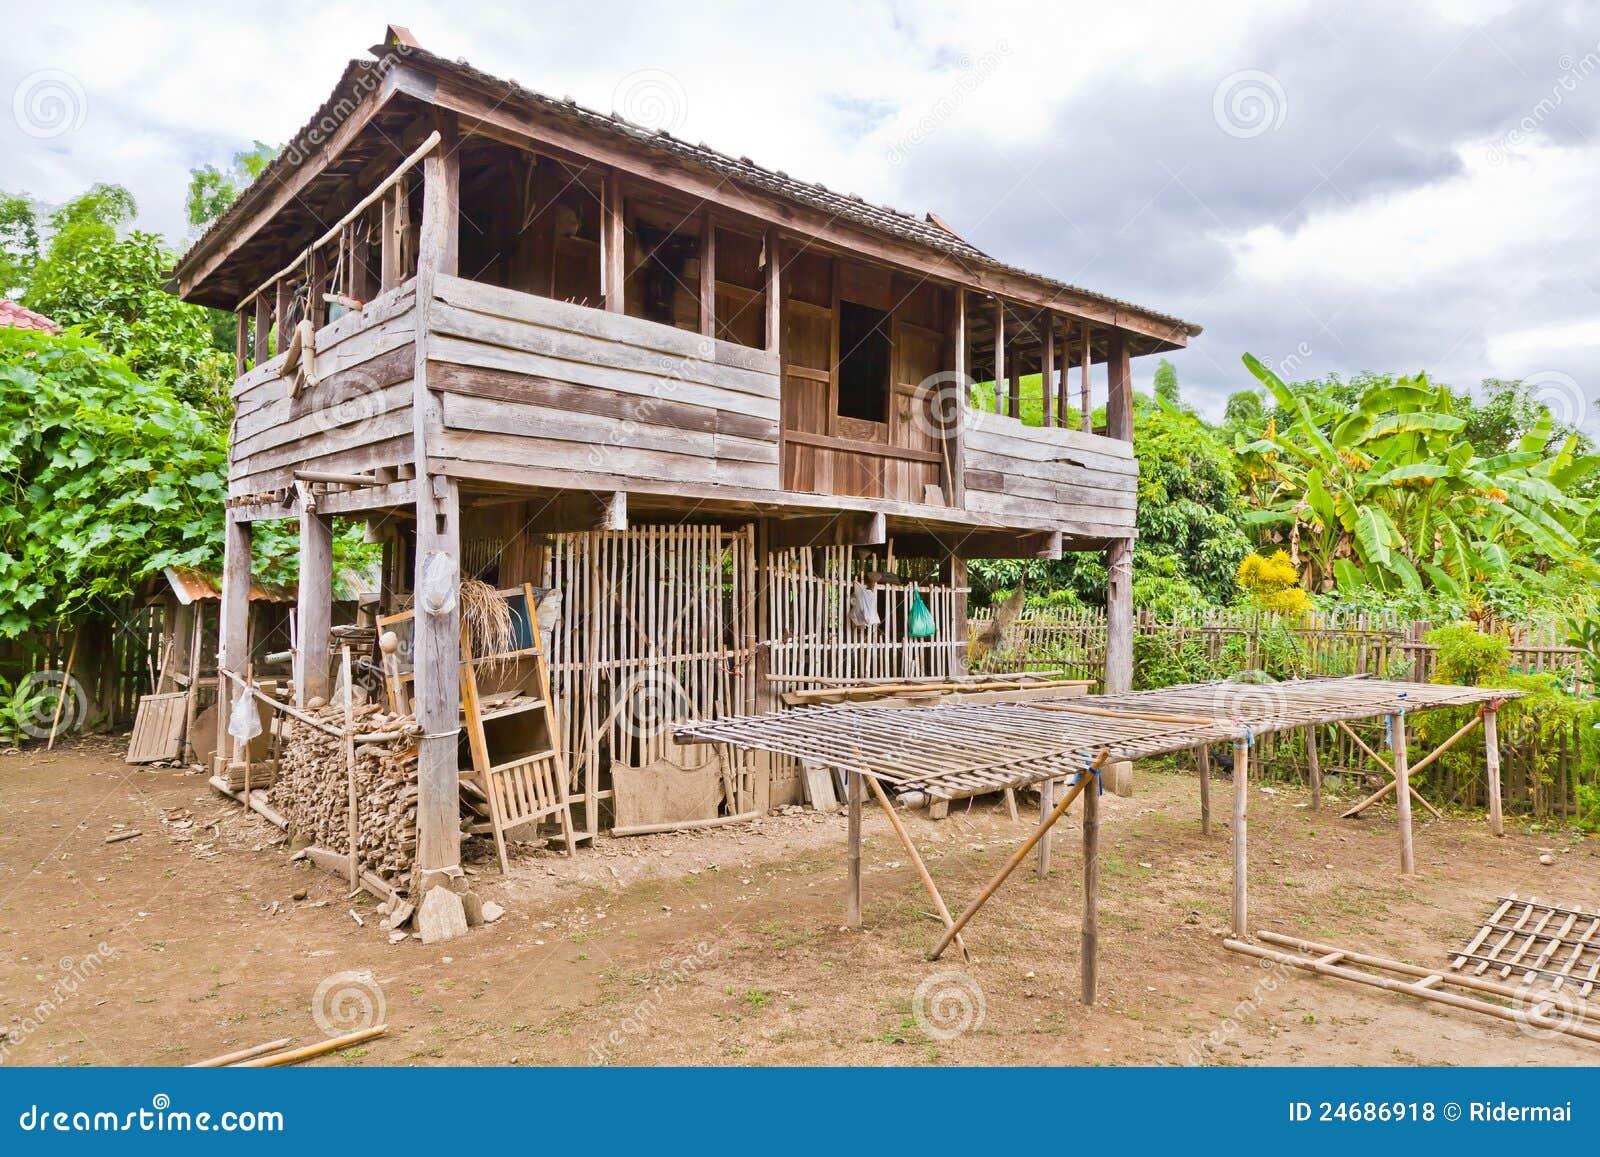 L 39 architecture vernaculaire photos libres de droits for Architecture vernaculaire